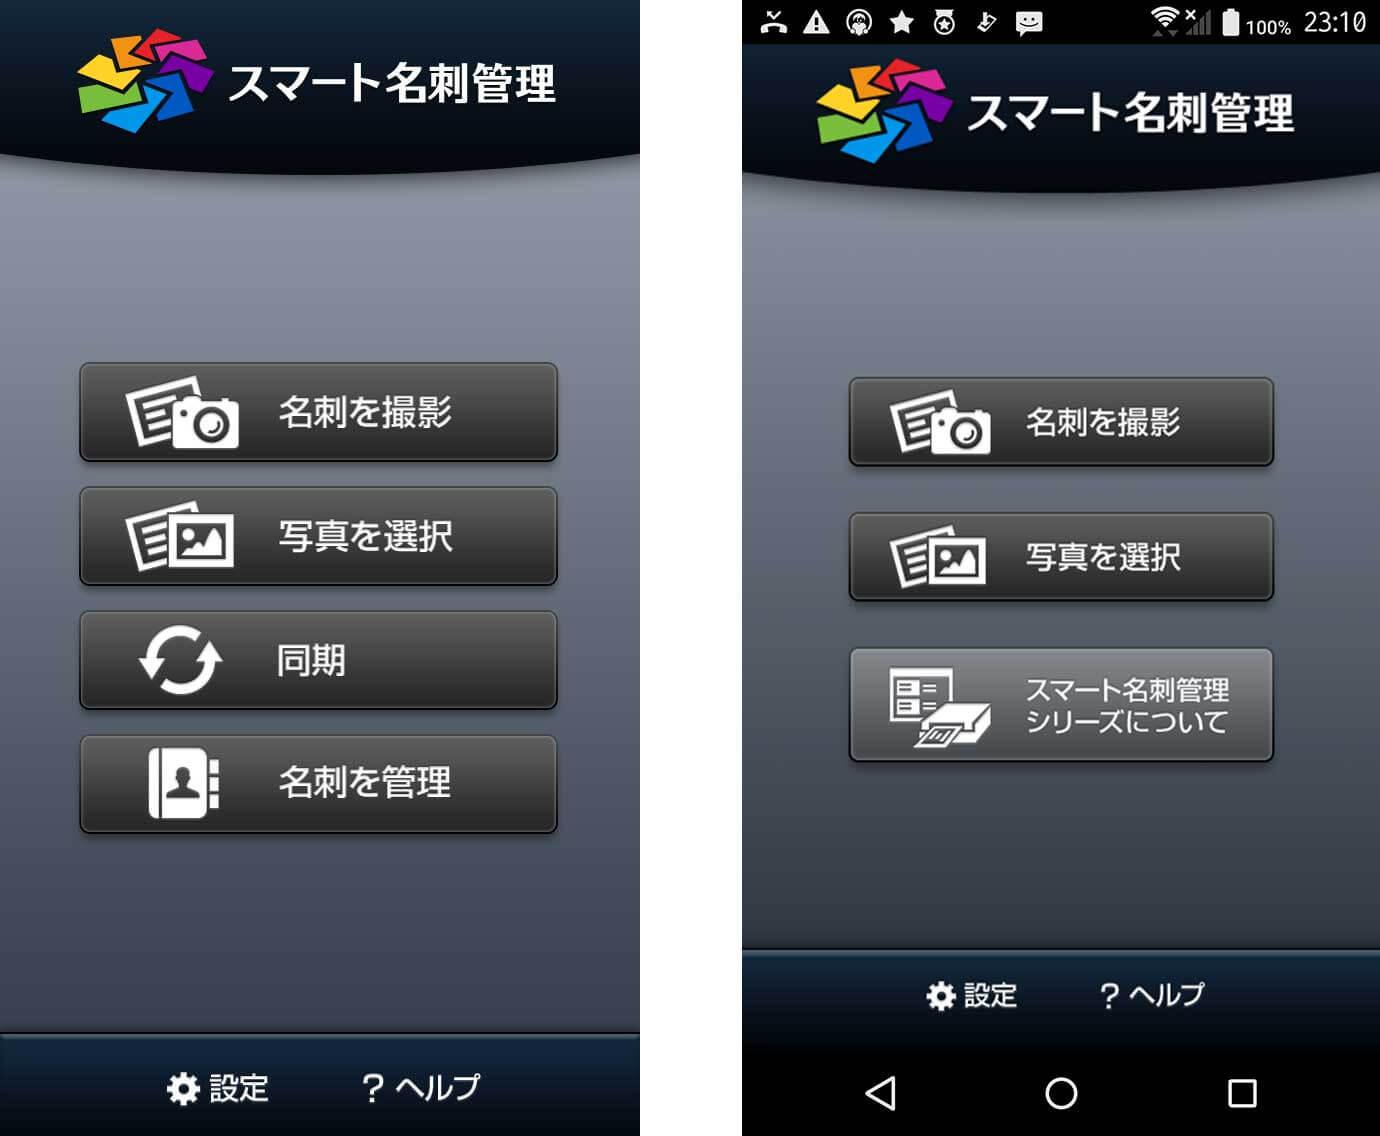 (左)「スマート名刺管理 for iPhone」のトップ画面。パソコン側の名刺データも閲覧できます。(右)「スマート名刺管理 for Android」のトップ画面。パソコンに撮影した名刺データを送る役割に特化した内容になっています。